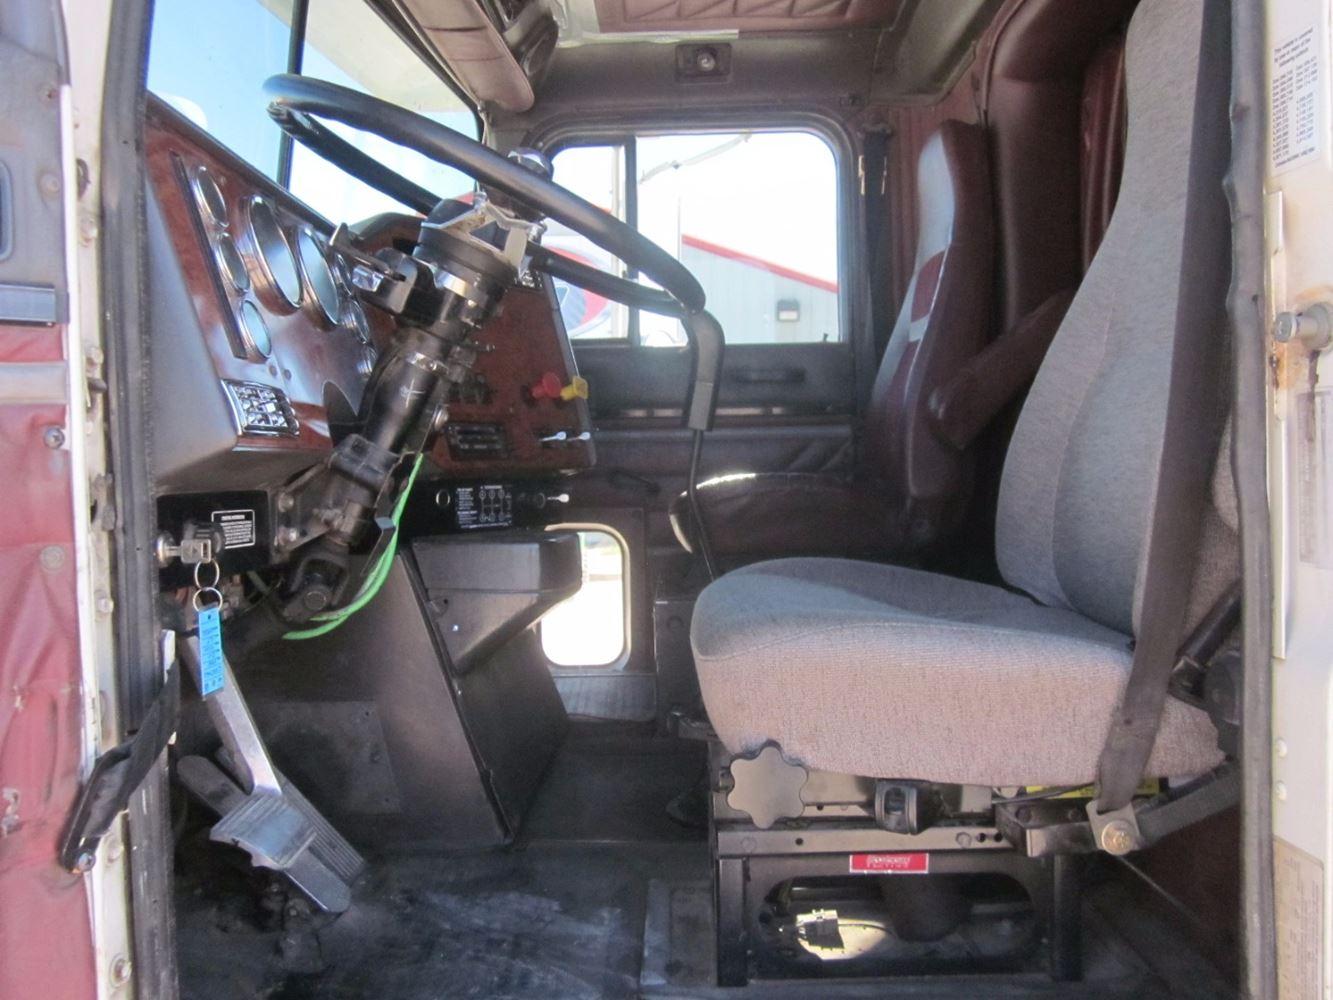 Media 8 for Truck Media